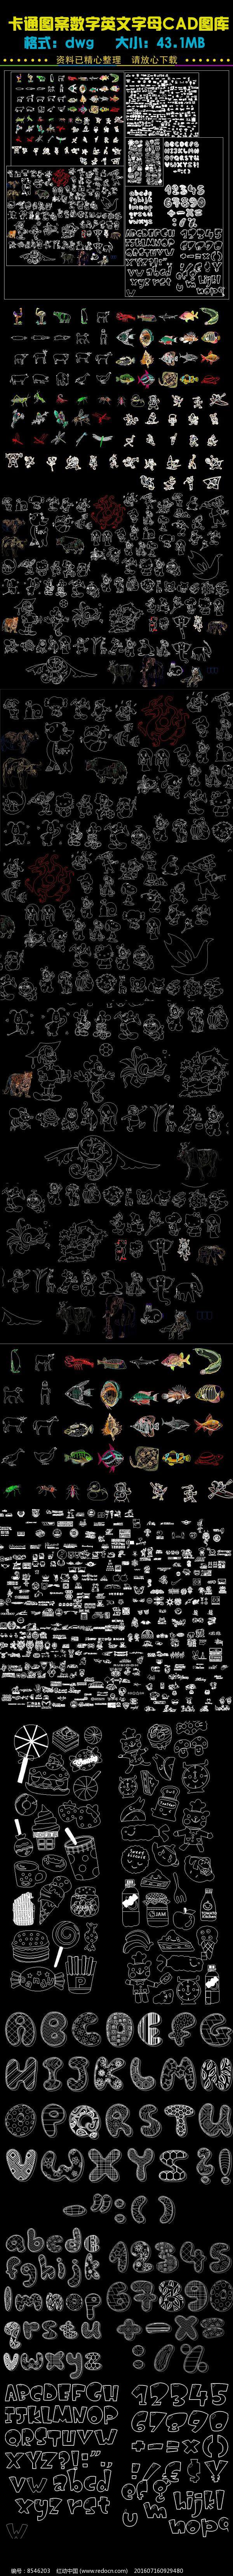 卡通图案数字英文字母CAD图片